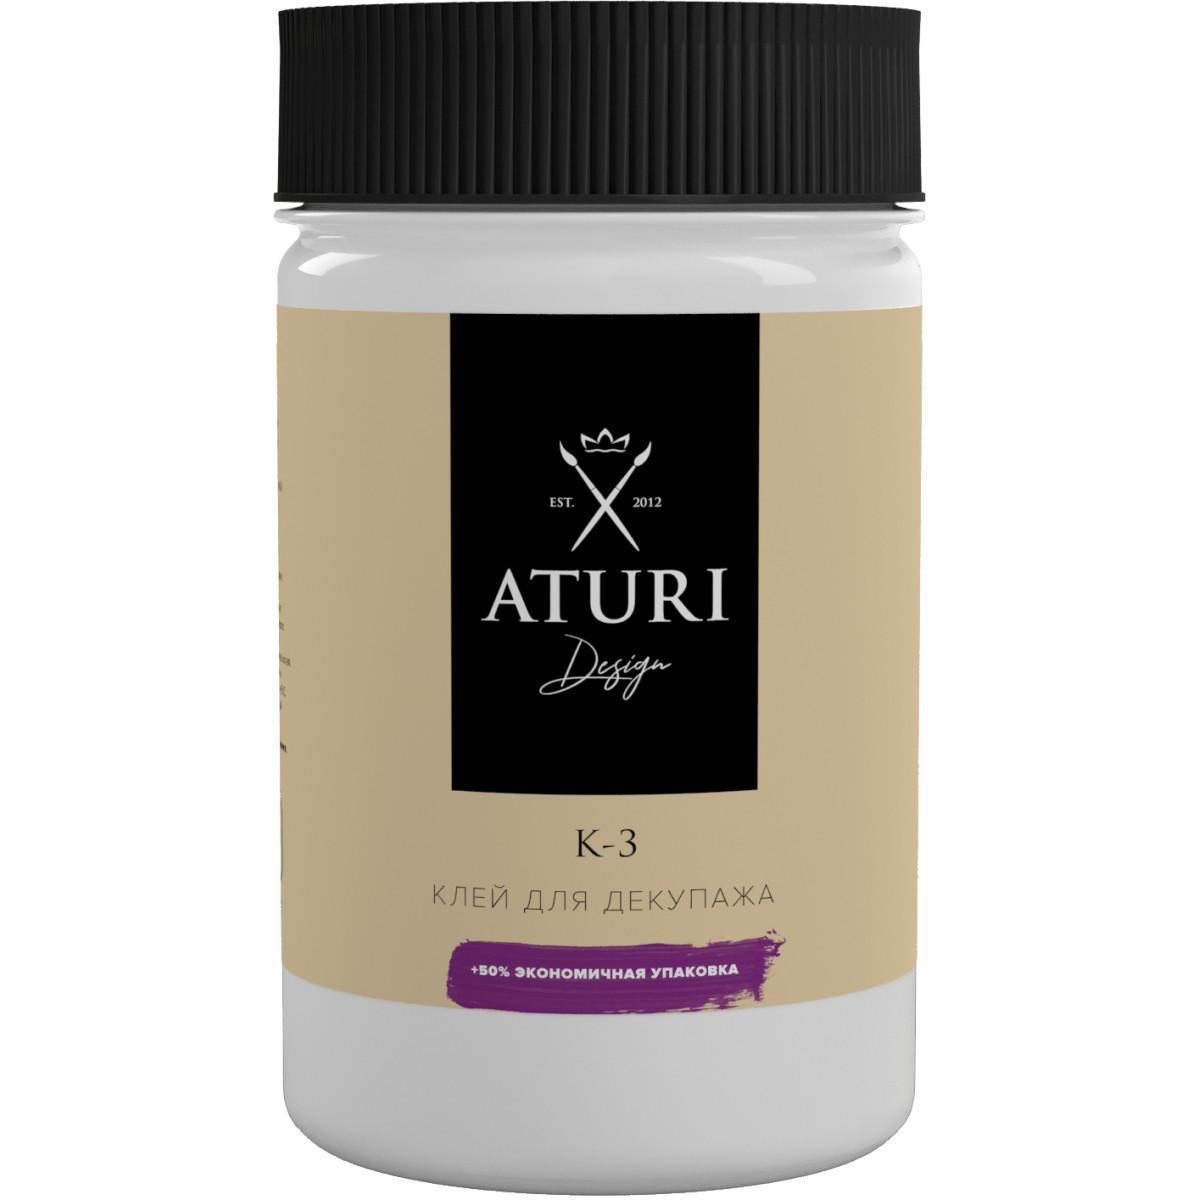 Клей для декупажа Aturi Design K-3 250 г